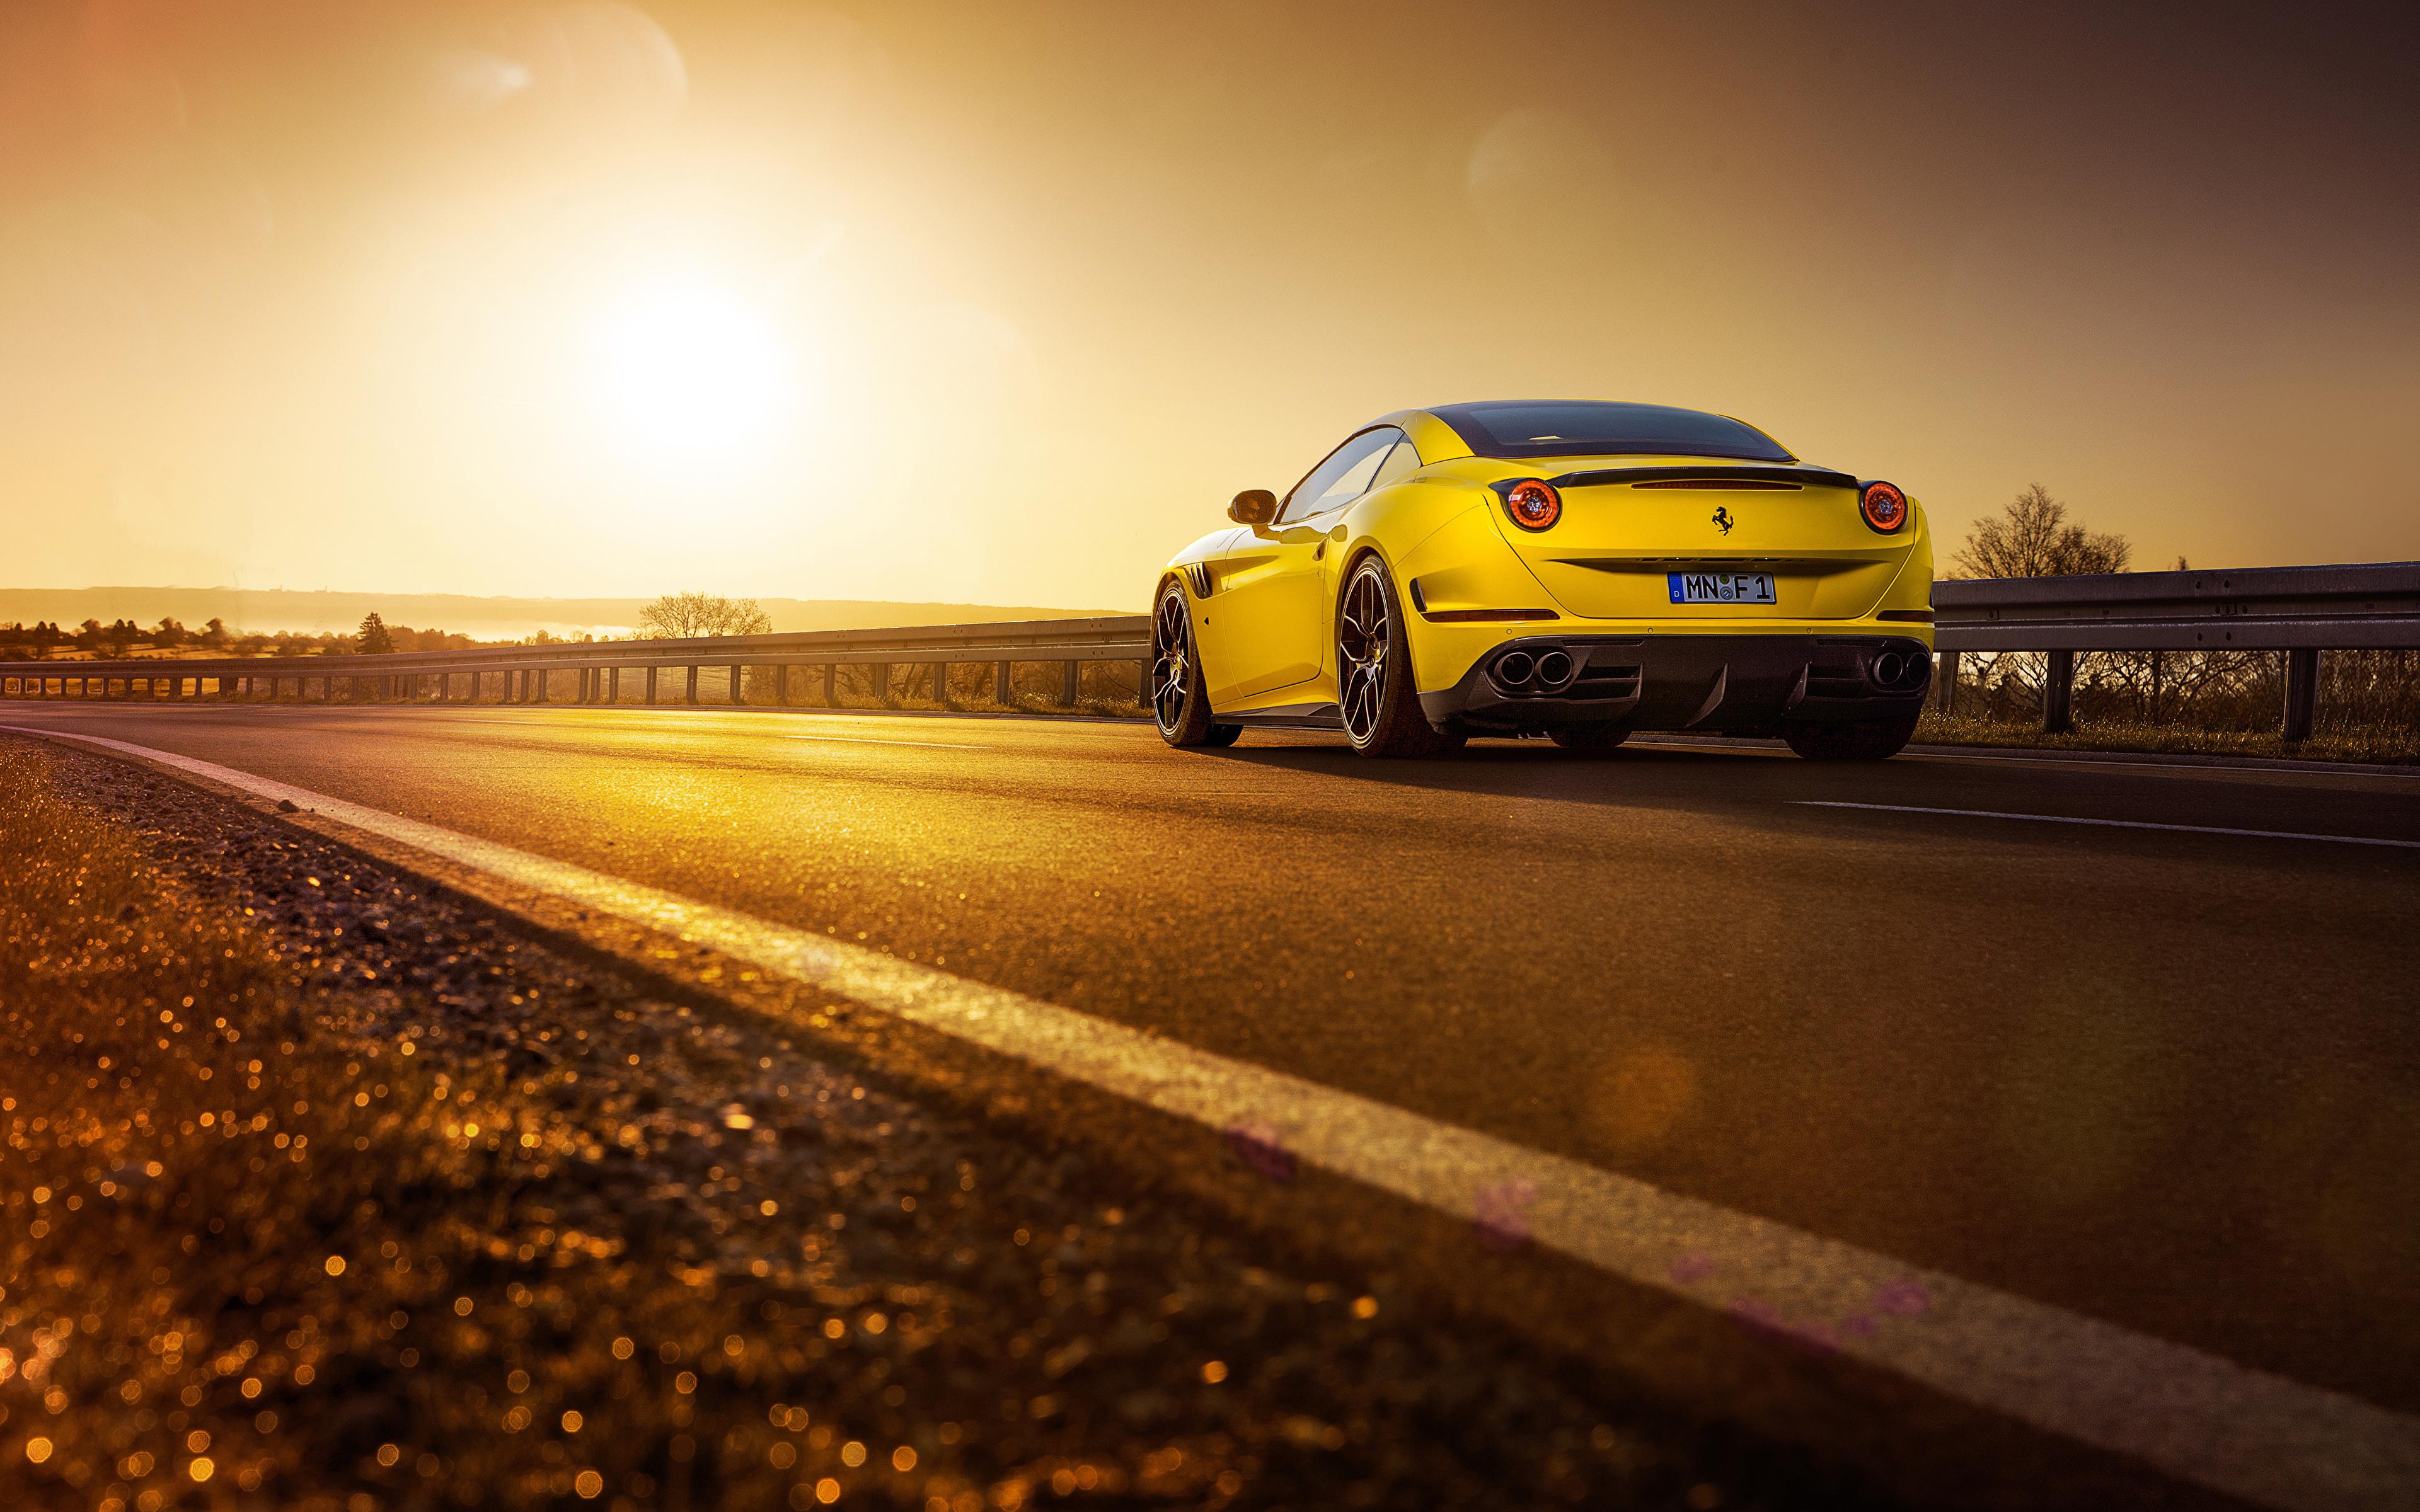 Ferrari 330 ретро дорога закат бесплатно